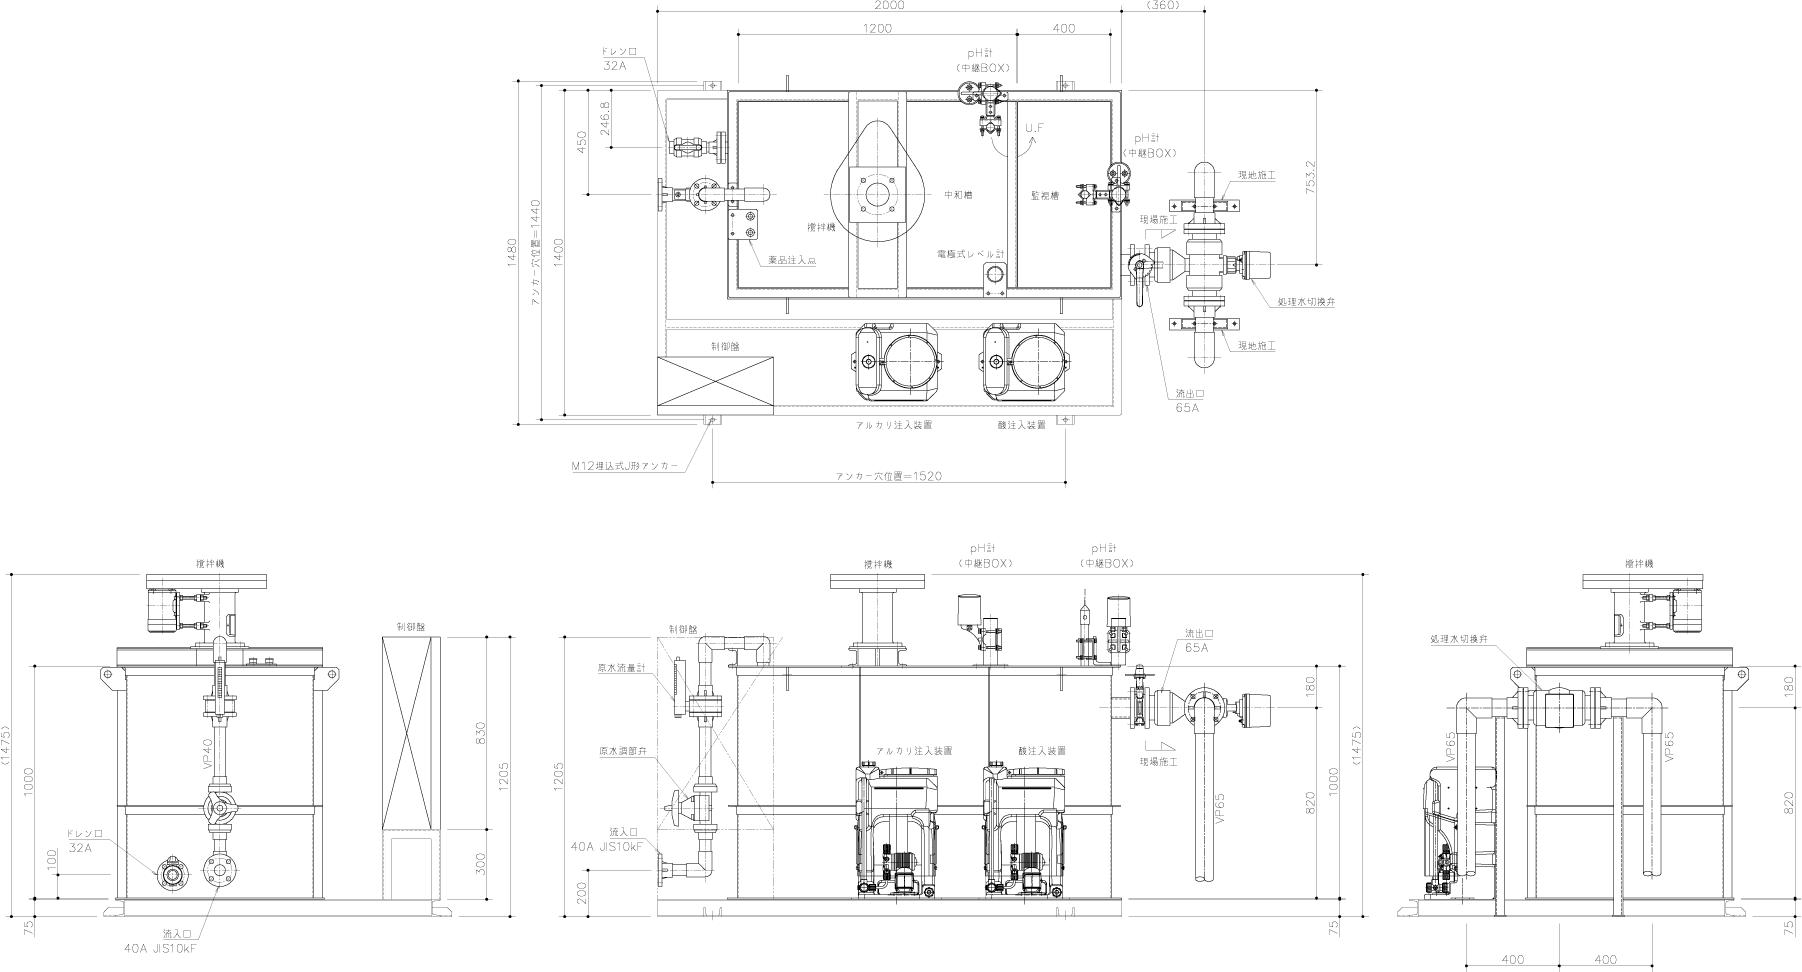 中和装置外形図